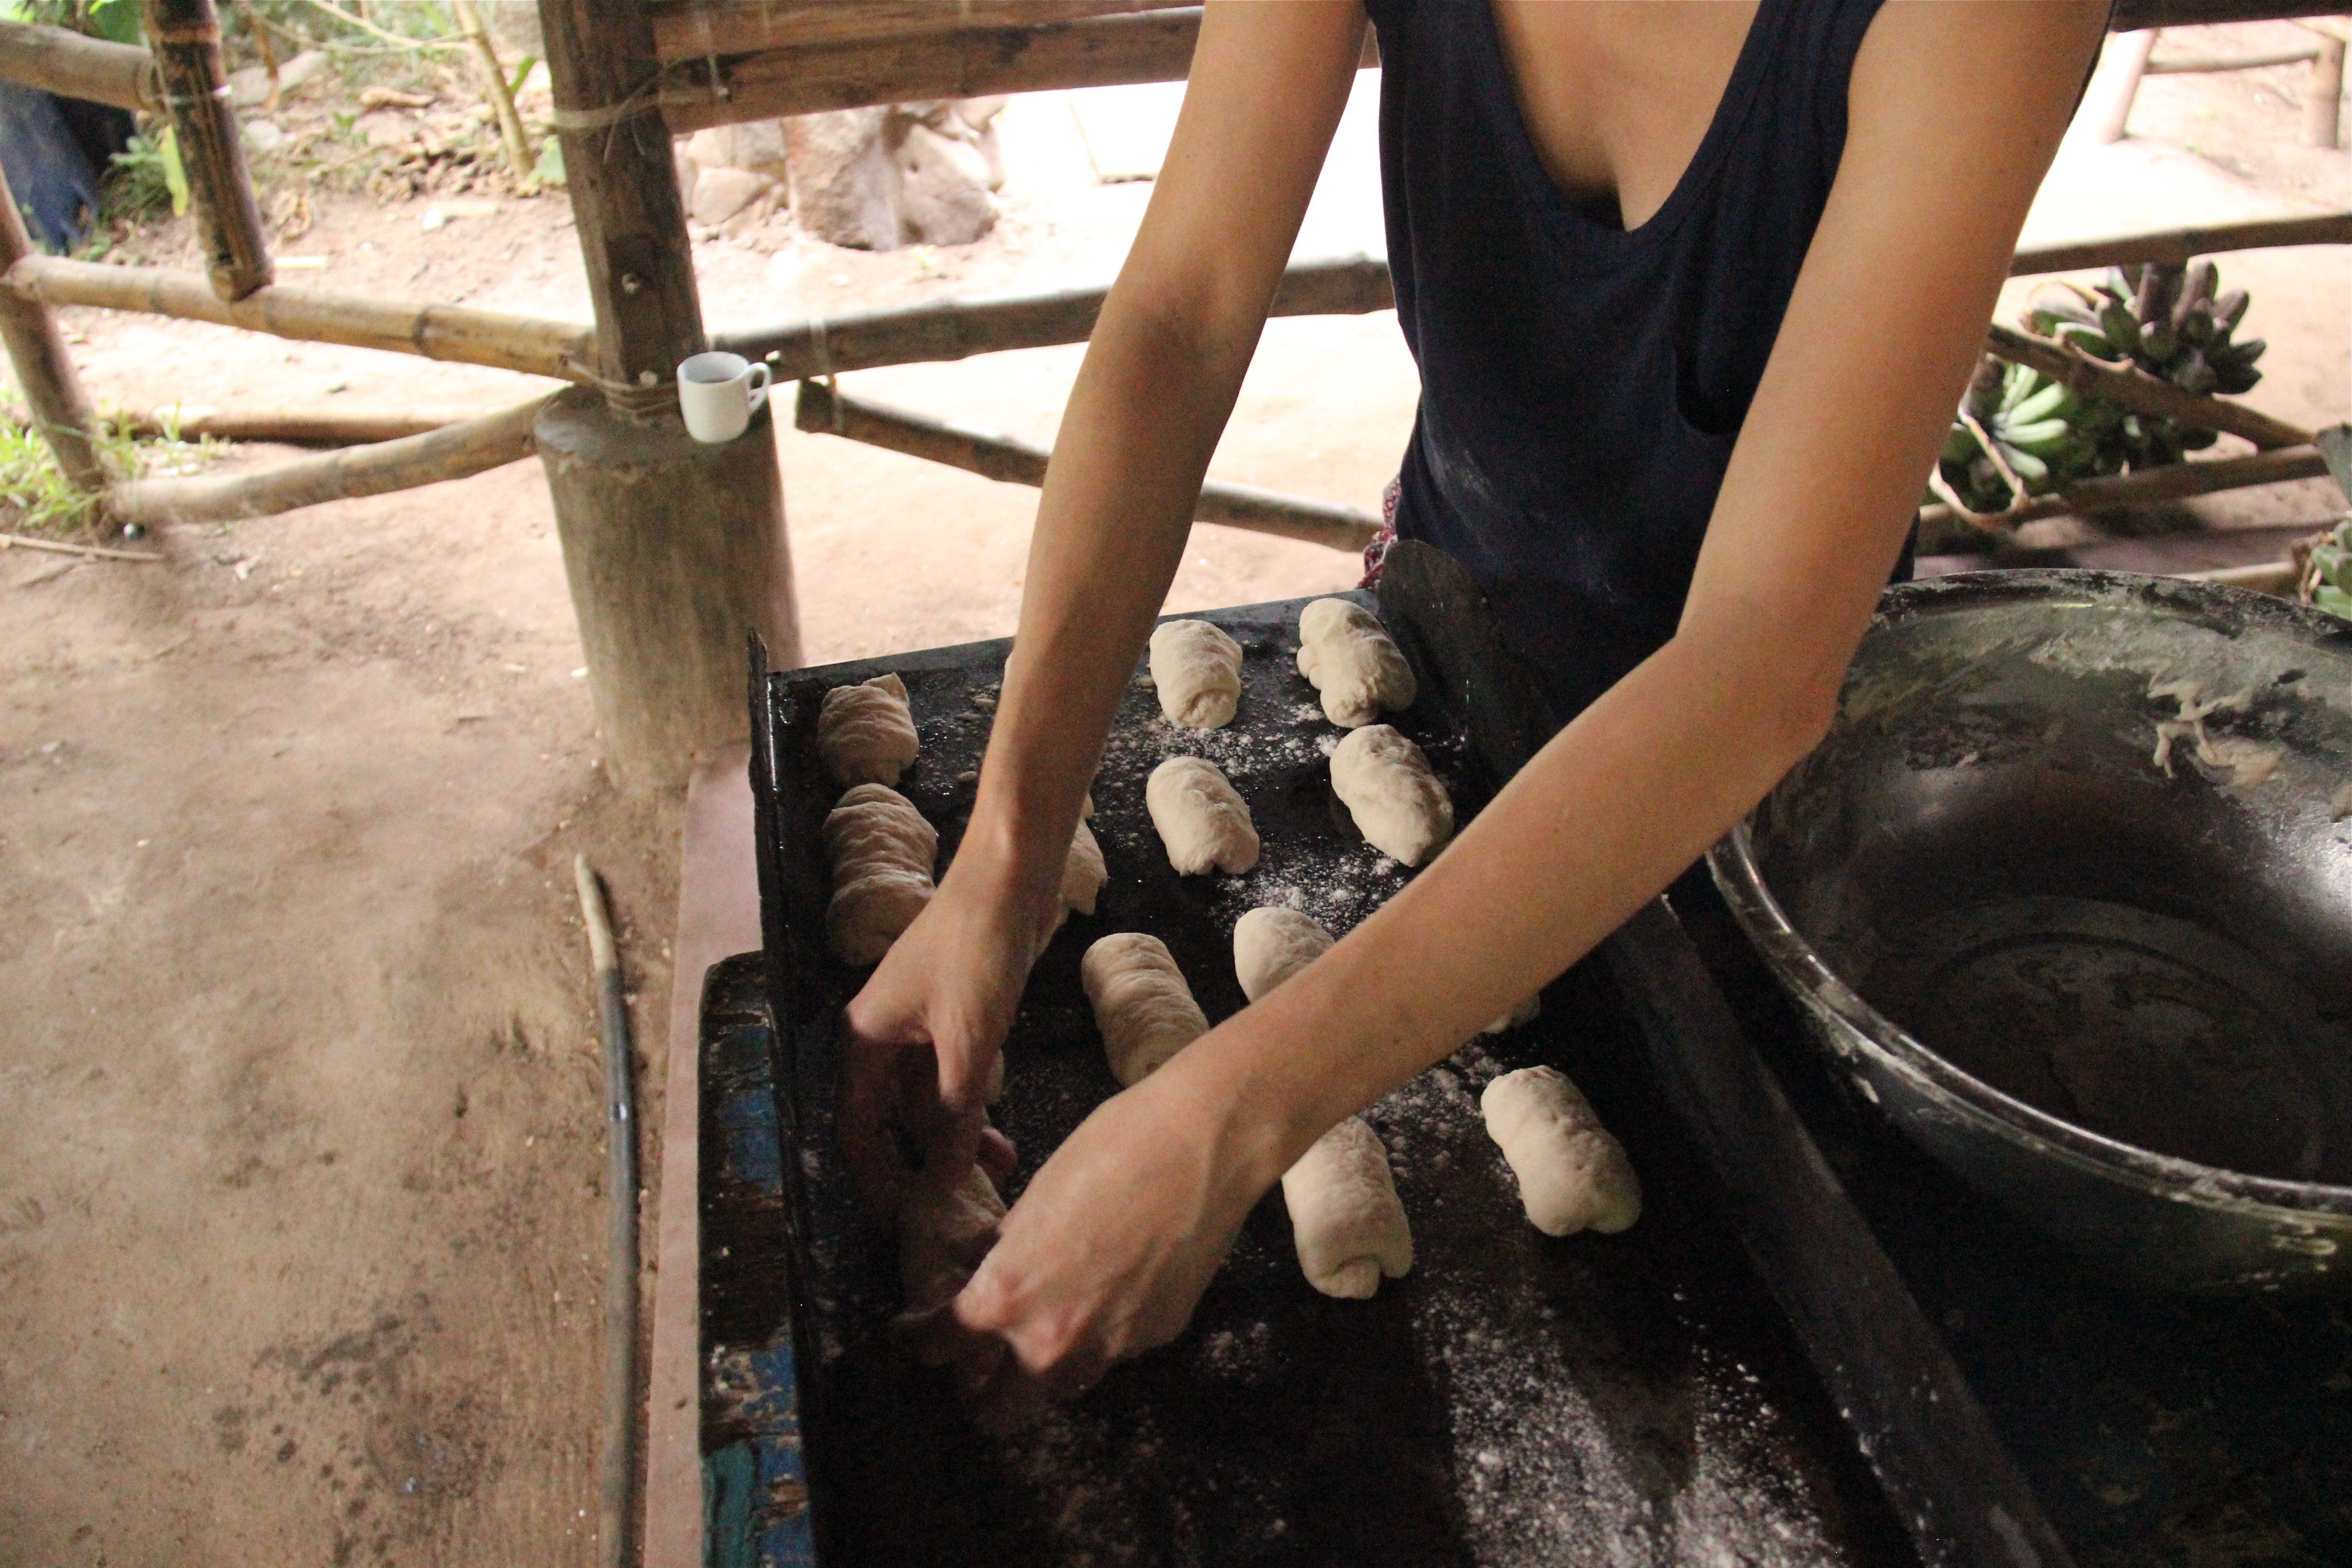 Préparation des pains à l'eau de coco - Tao farm